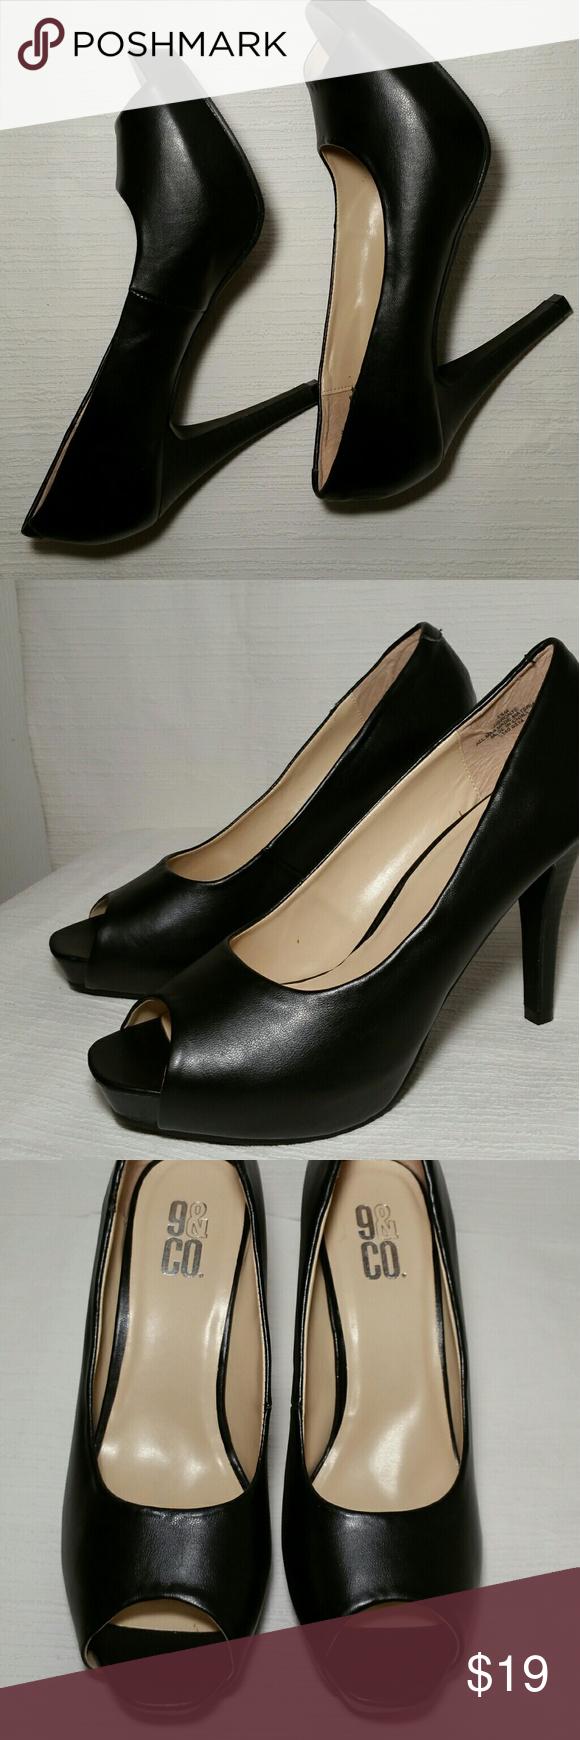 06d1d6312a57 JJBRONTE Women s shoe 9 Co women dress black shoe. Peep